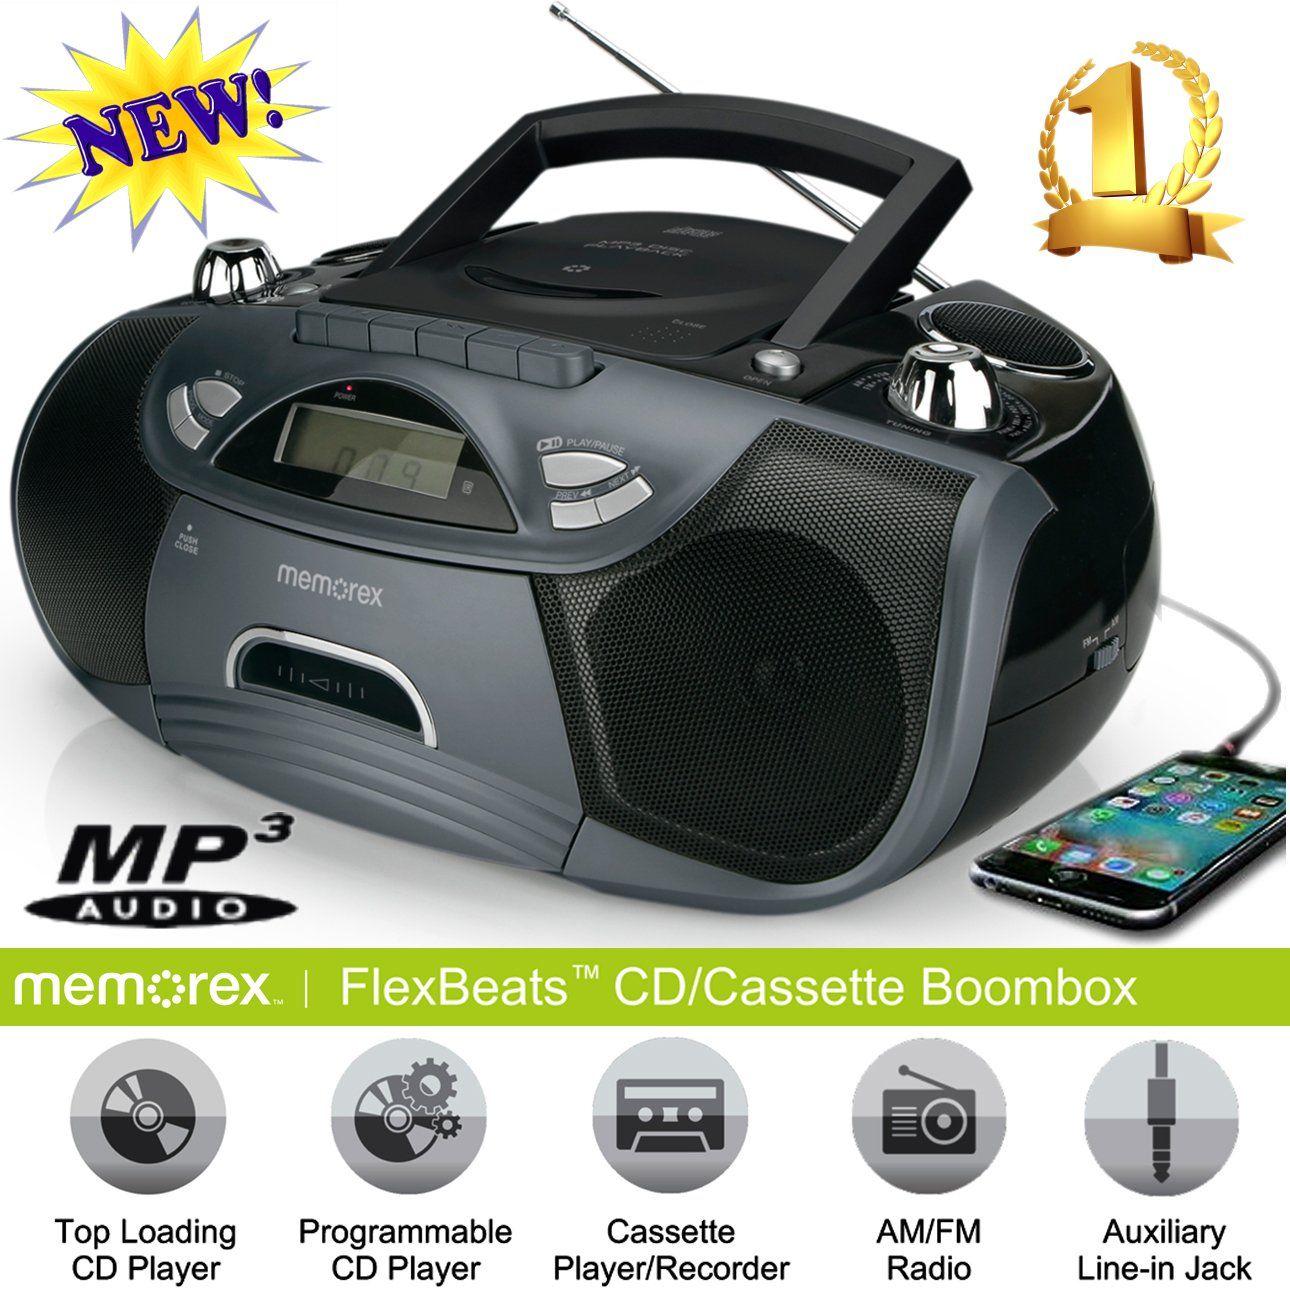 Memorex Cd Cassette Recorder Boombox Mp3 Fm Flexbeats Mp3262 With Aux Line In Jack - Black